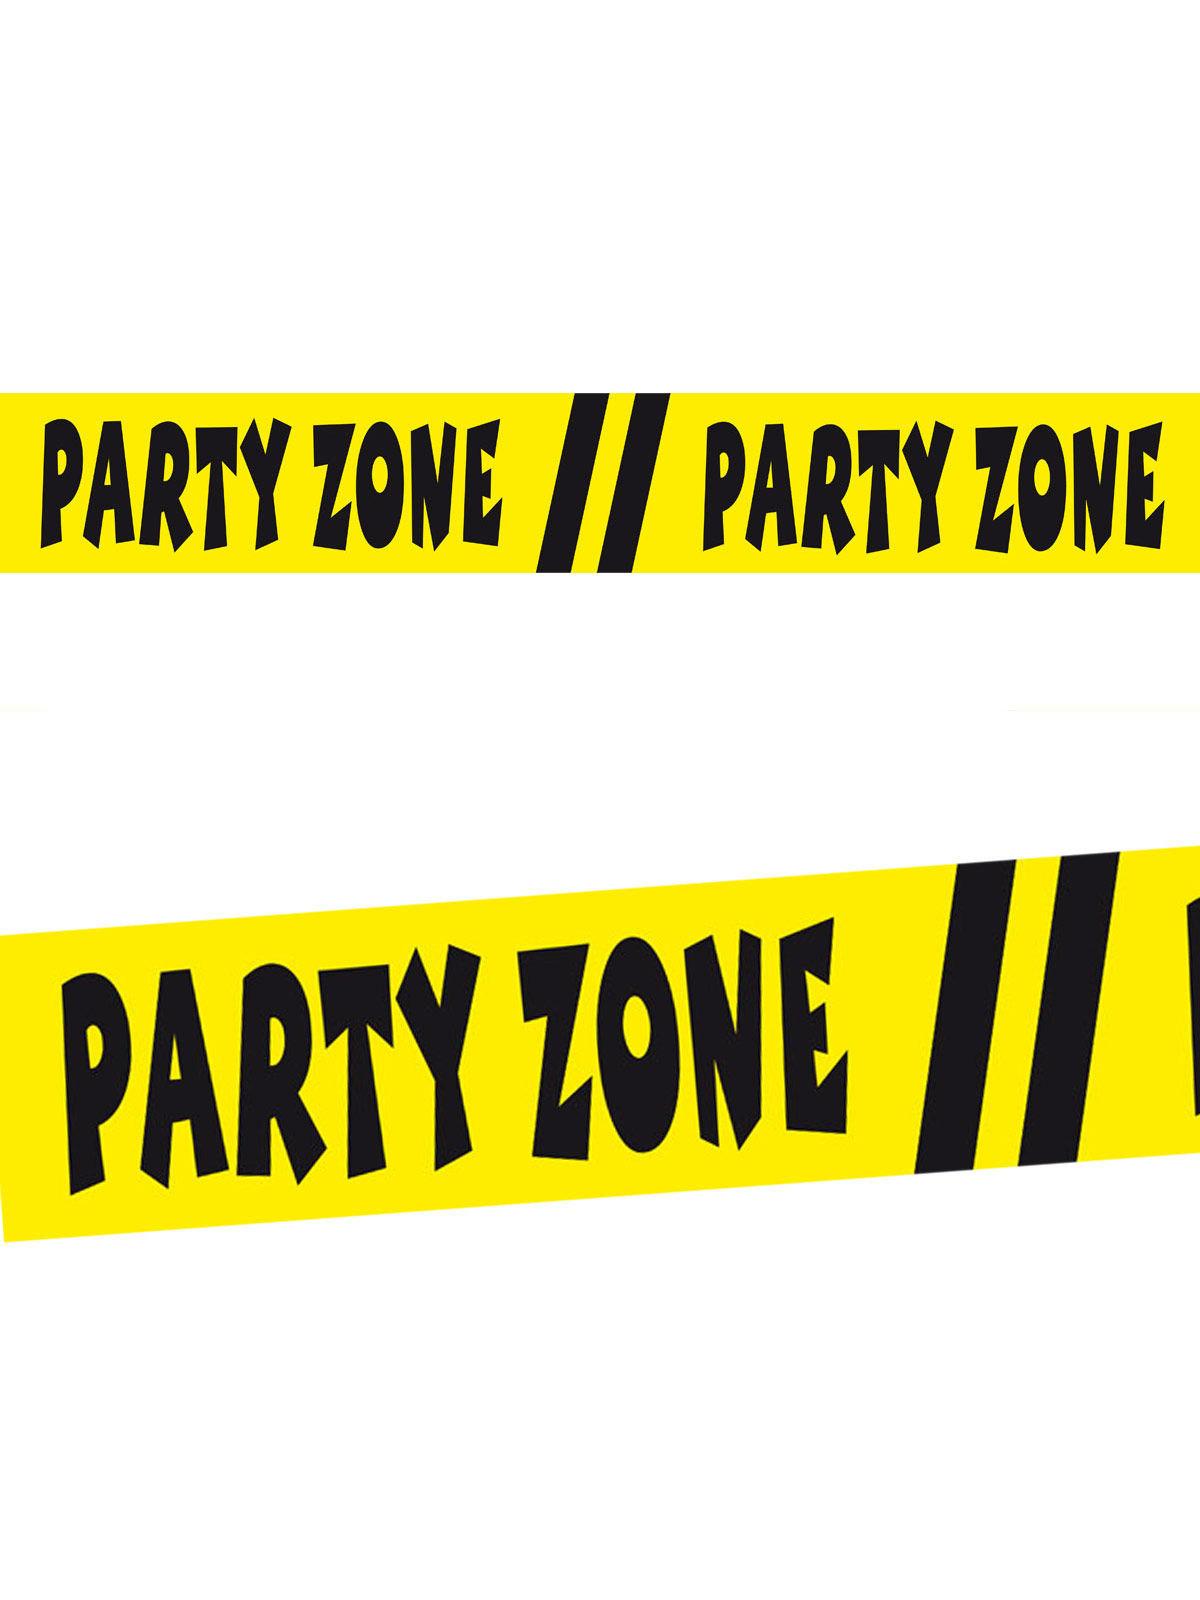 Favorit Absperrband Party-Zone Party-Deko gelb-schwarz 15m , günstige AI61